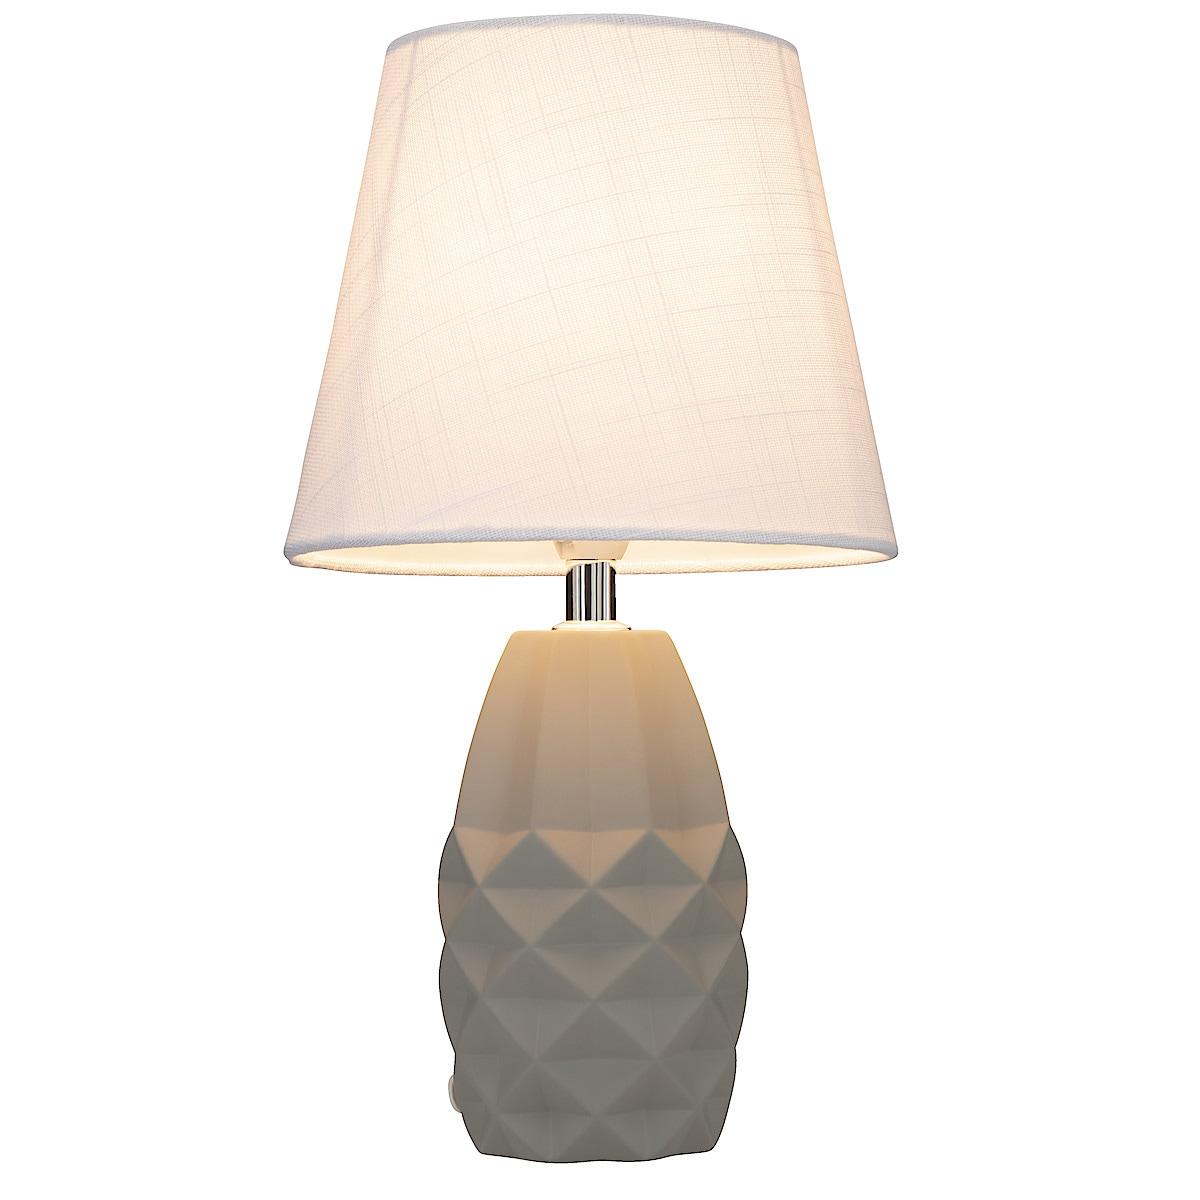 Bordslampa med skärm, höjd 31,5 cm Northlight